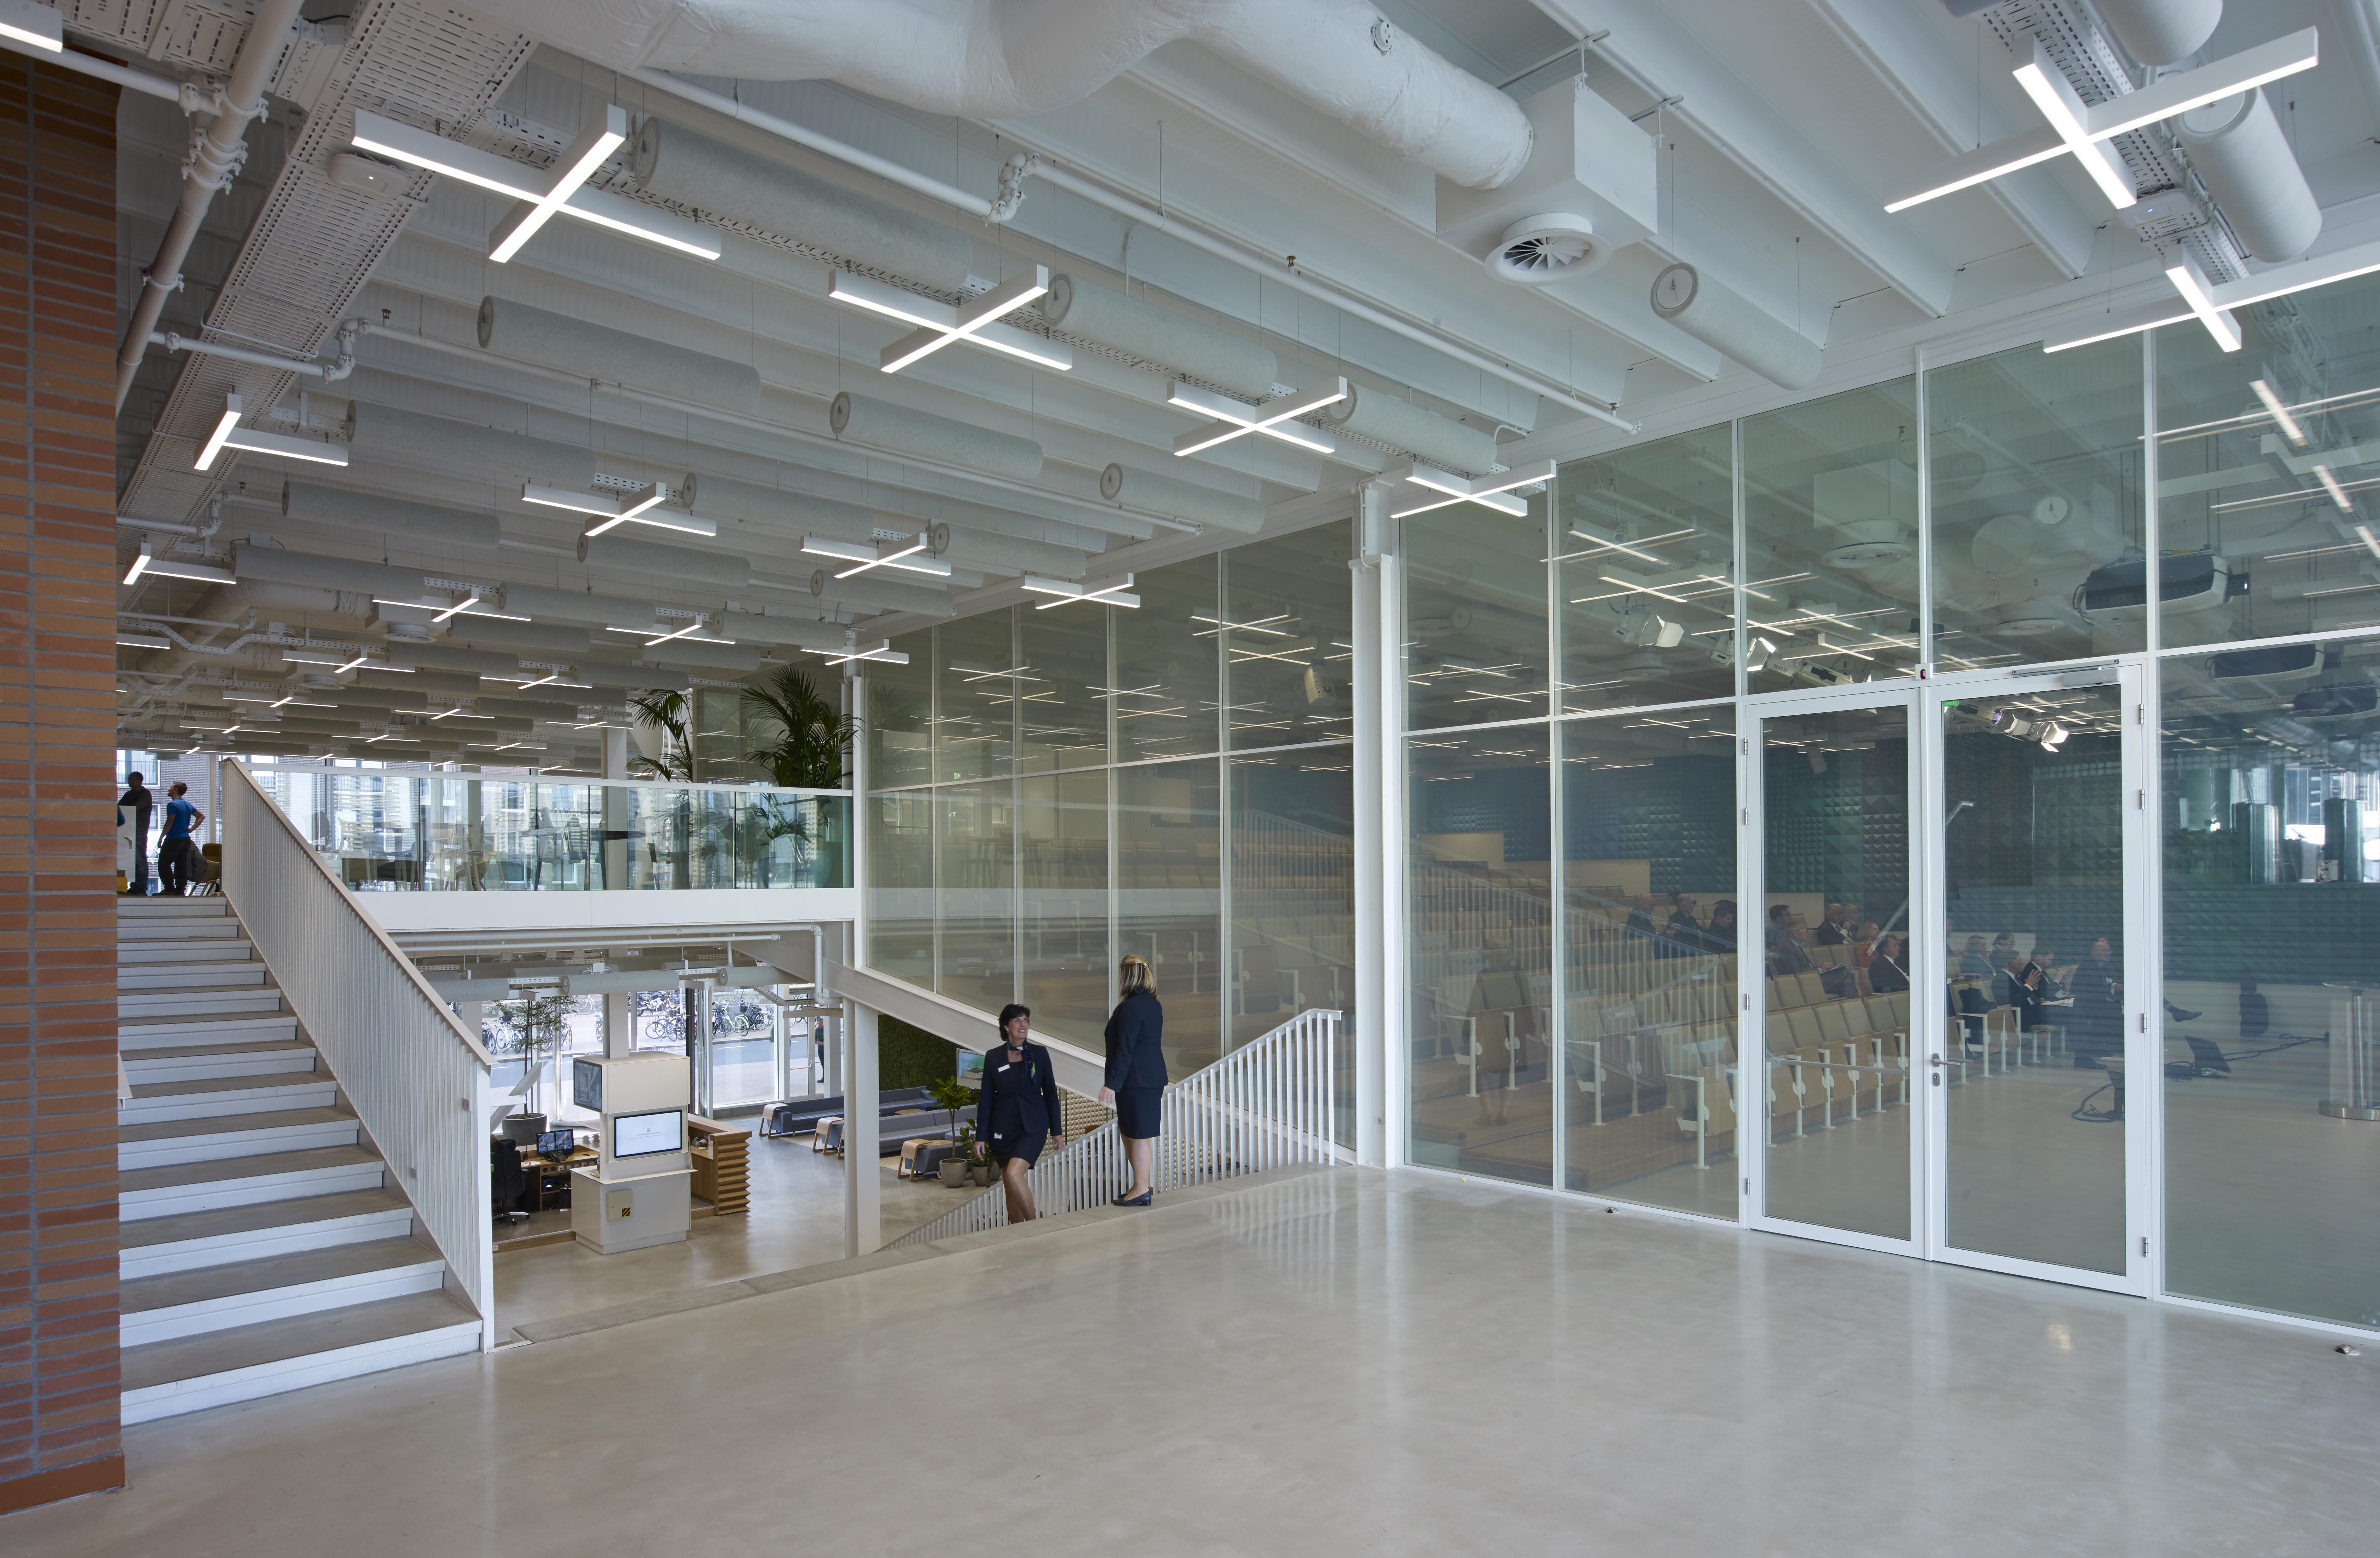 <p>KPN hoofdkantoor 1e verd &#8211; Jeroen Musch</p>